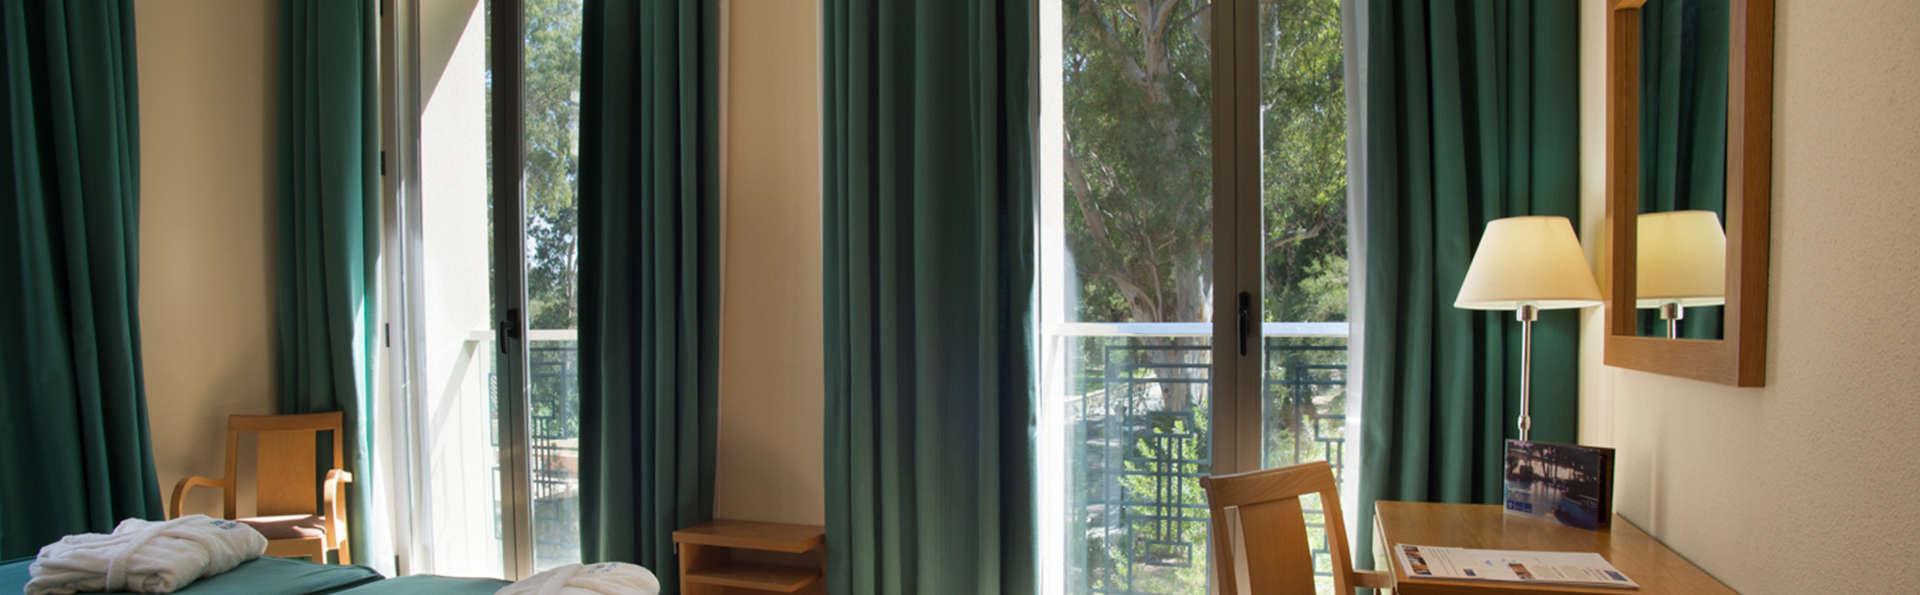 Balneario de Archena - Hotel Levante - EDIT_NEW_BEDROOM_2.jpg